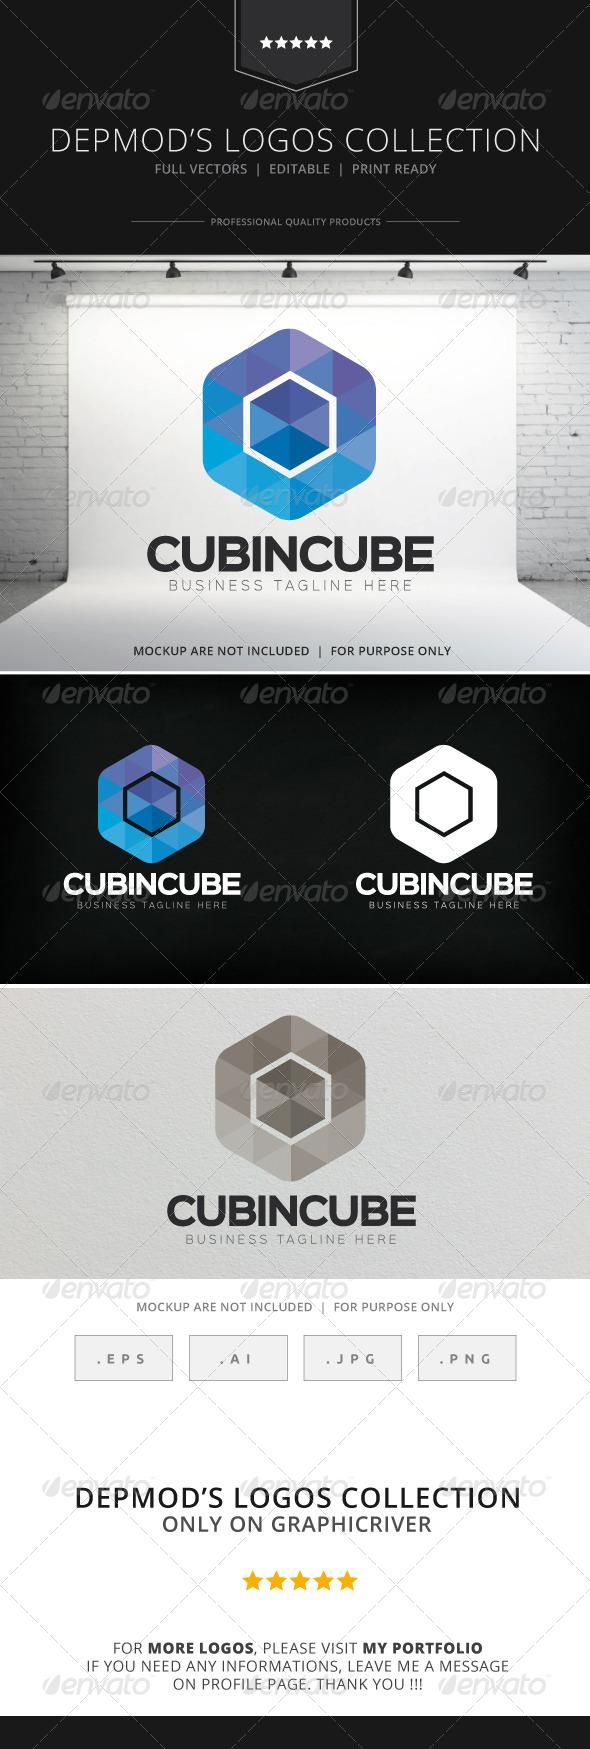 GraphicRiver Cubeincube Logo 8197165